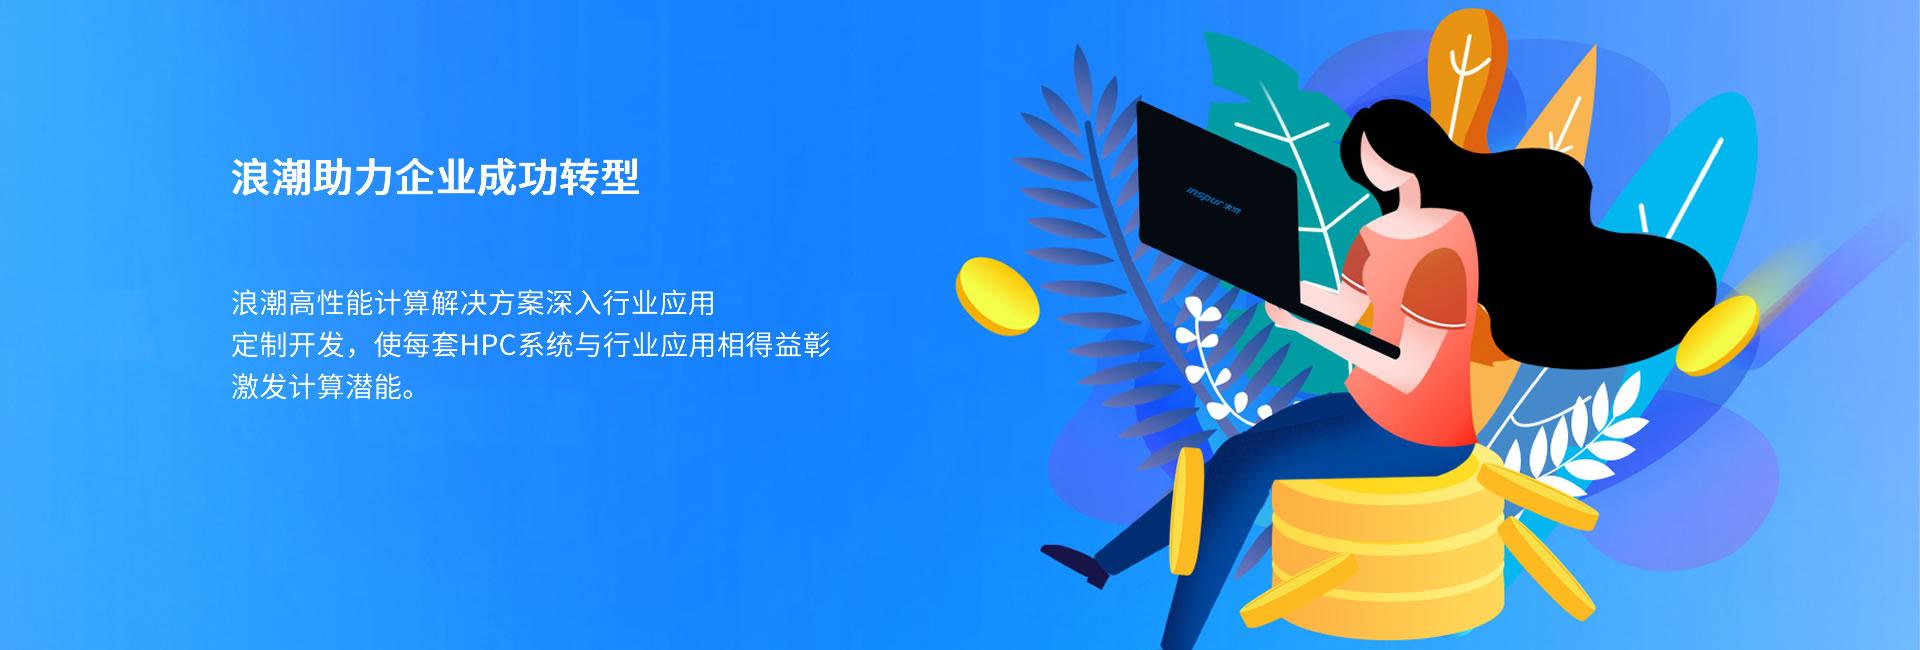 杭州浪潮服务器经销商